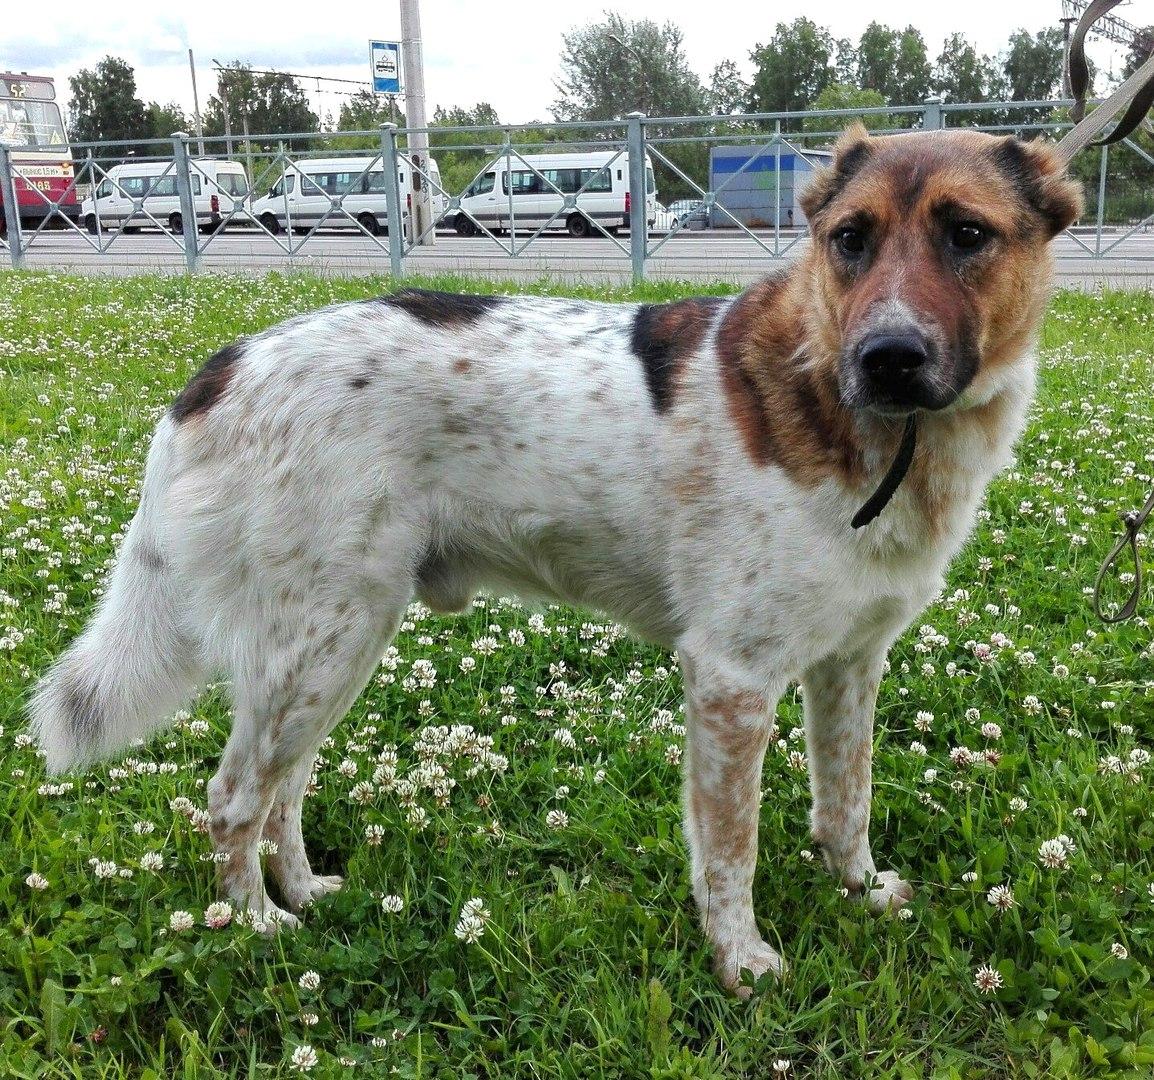 Приютский пёс понял, что домой его не возьмут… Но у него имелся хитрый план